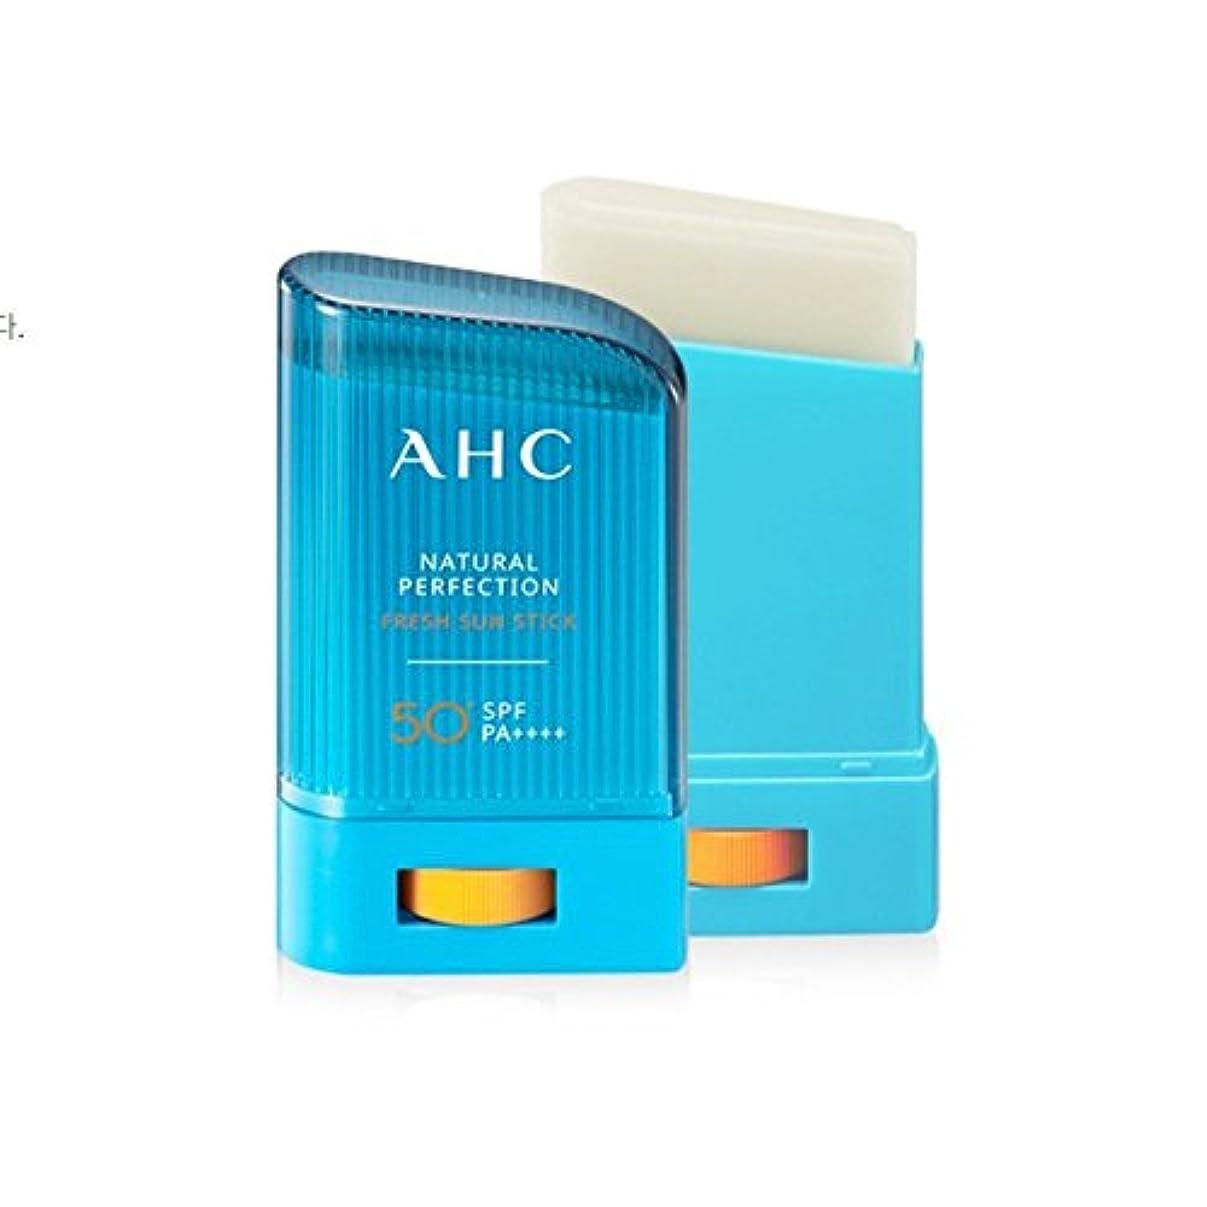 挽くきょうだい繁栄[1+1] AHC Natural Perfection Fresh Sun Stick ナチュラルパーフェクションフレッシュサンスティック 22g * 2個 [並行輸入品]